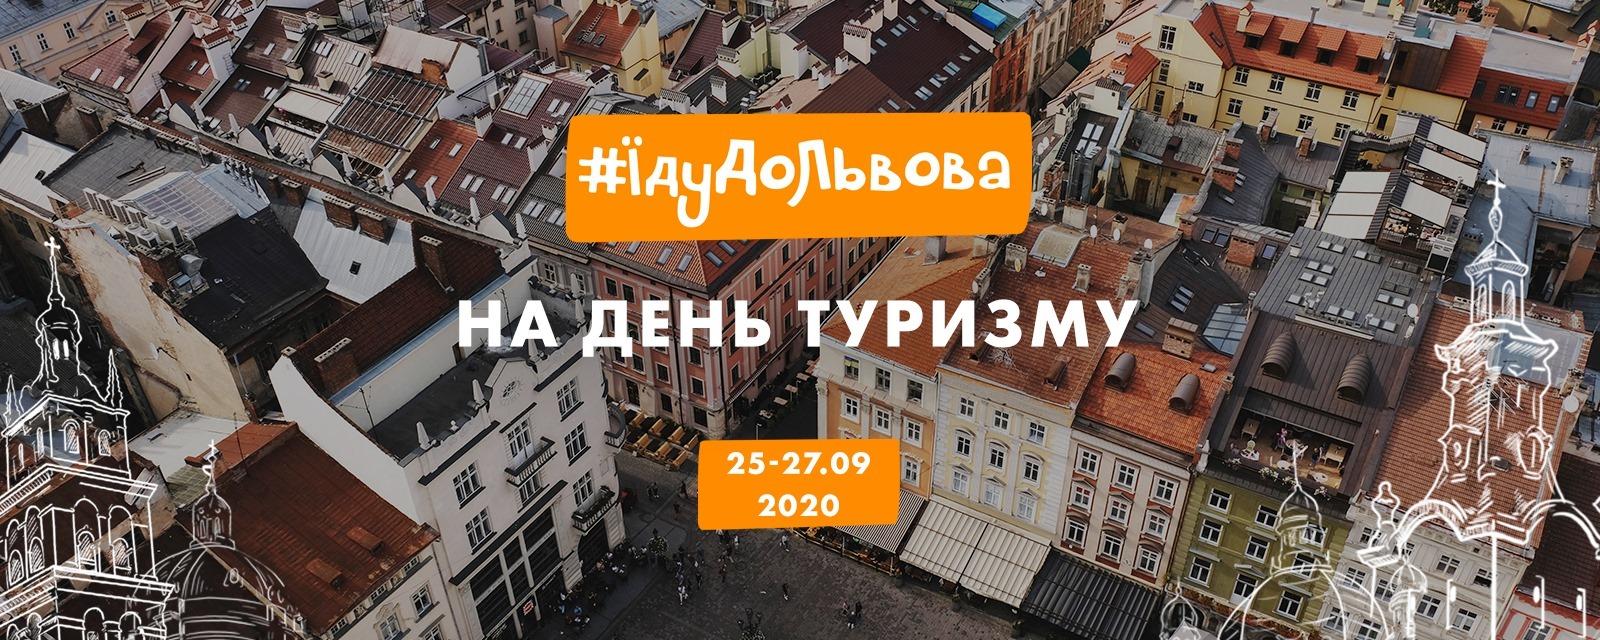 Вільний вхід у музеї та 40 безкоштовних екскурсій. Львів запрошує 27 вересня на день туризму